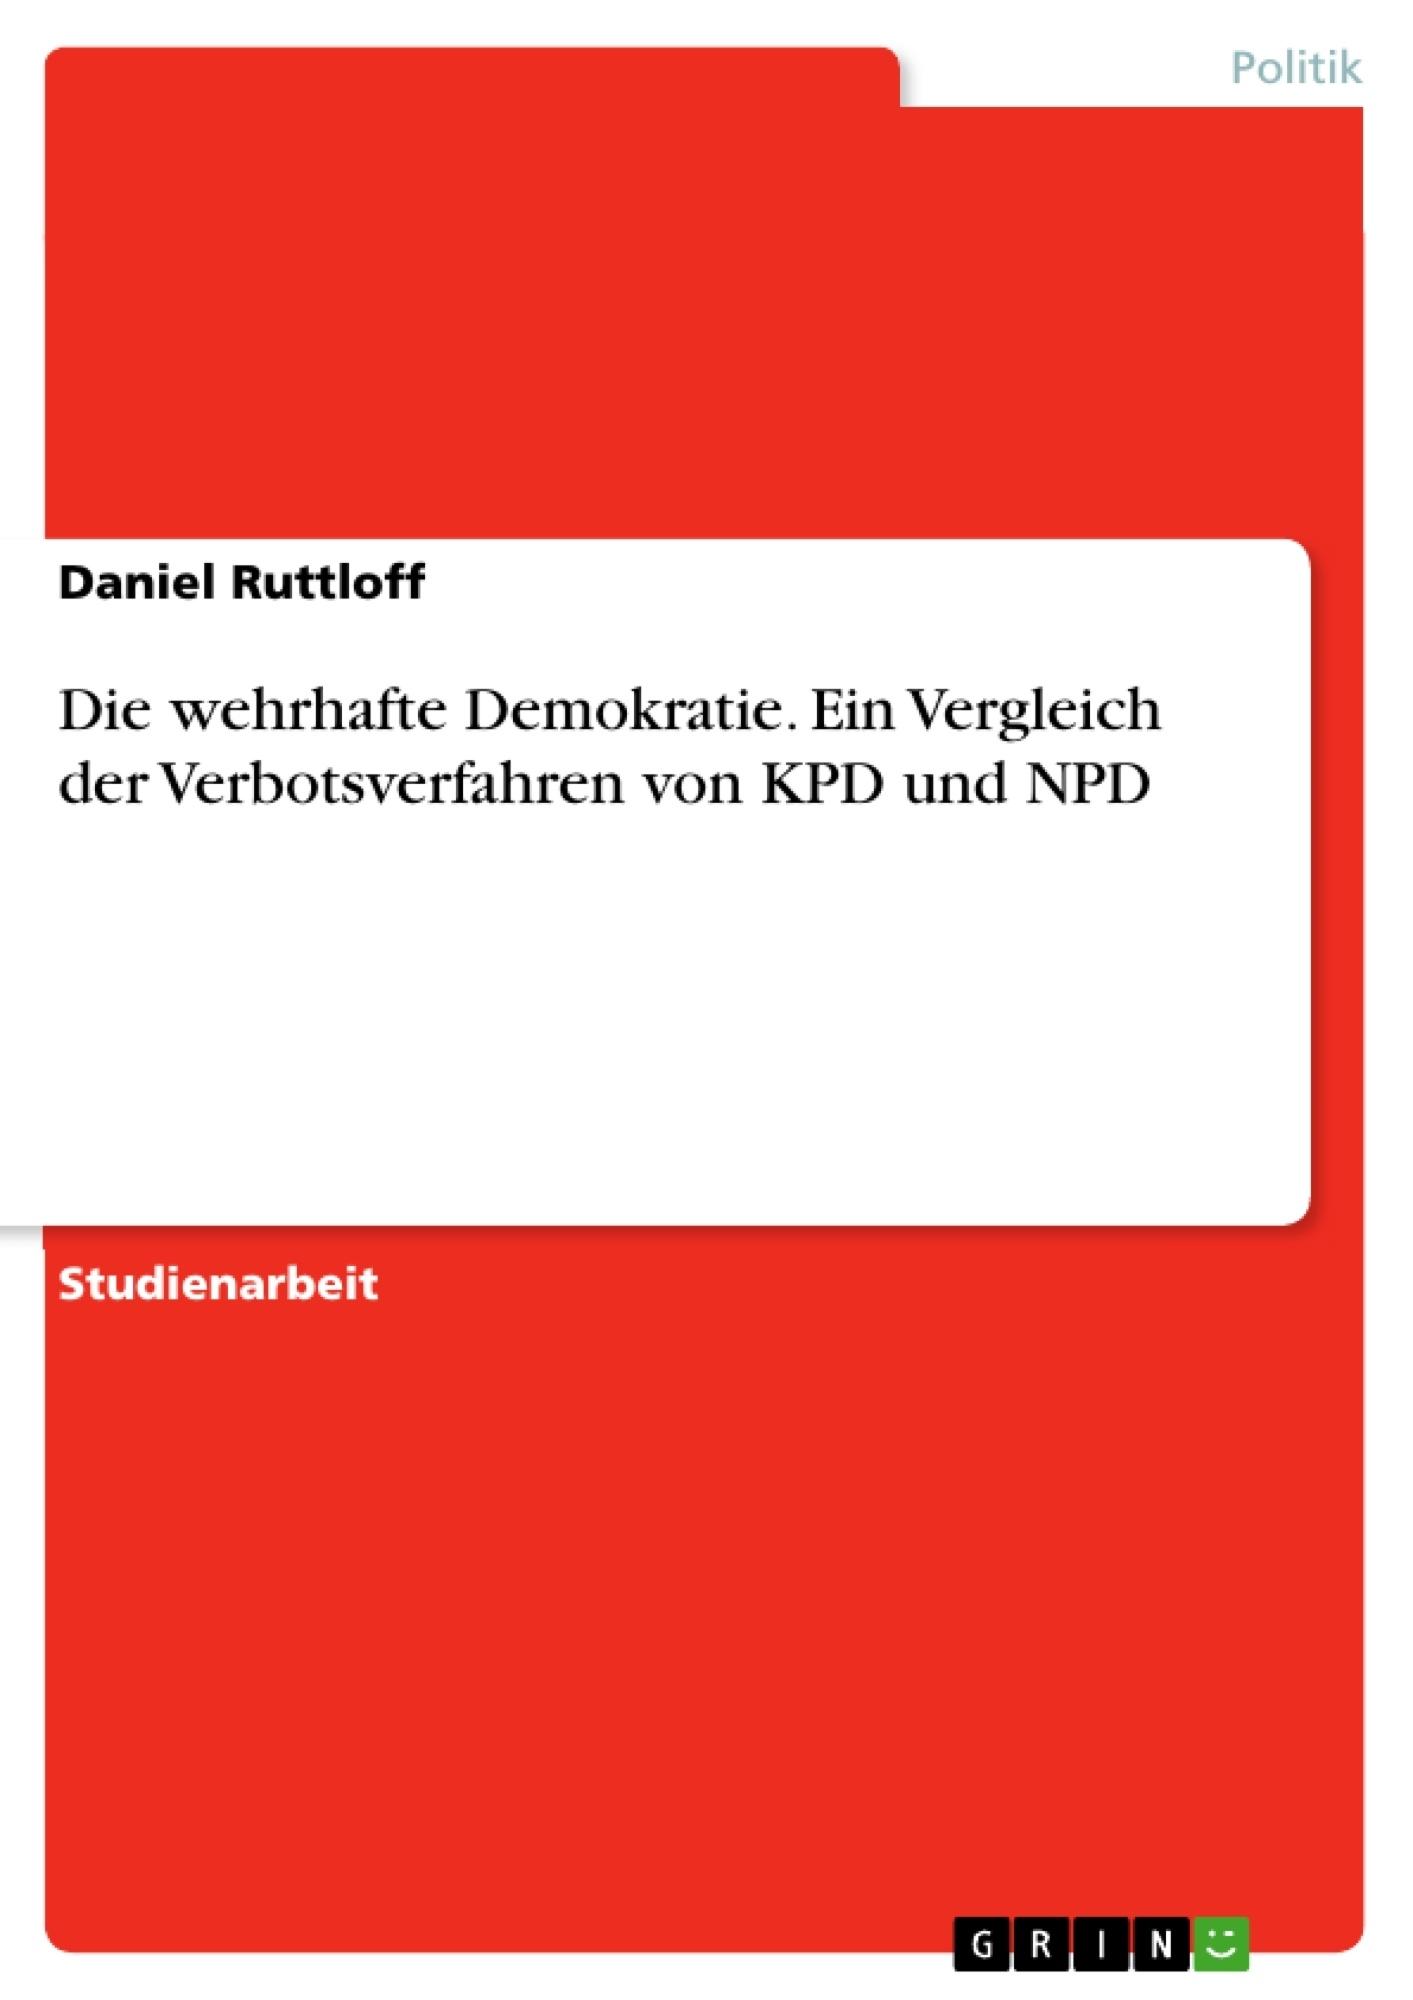 Titel: Die wehrhafte Demokratie. Ein Vergleich der Verbotsverfahren von KPD und NPD